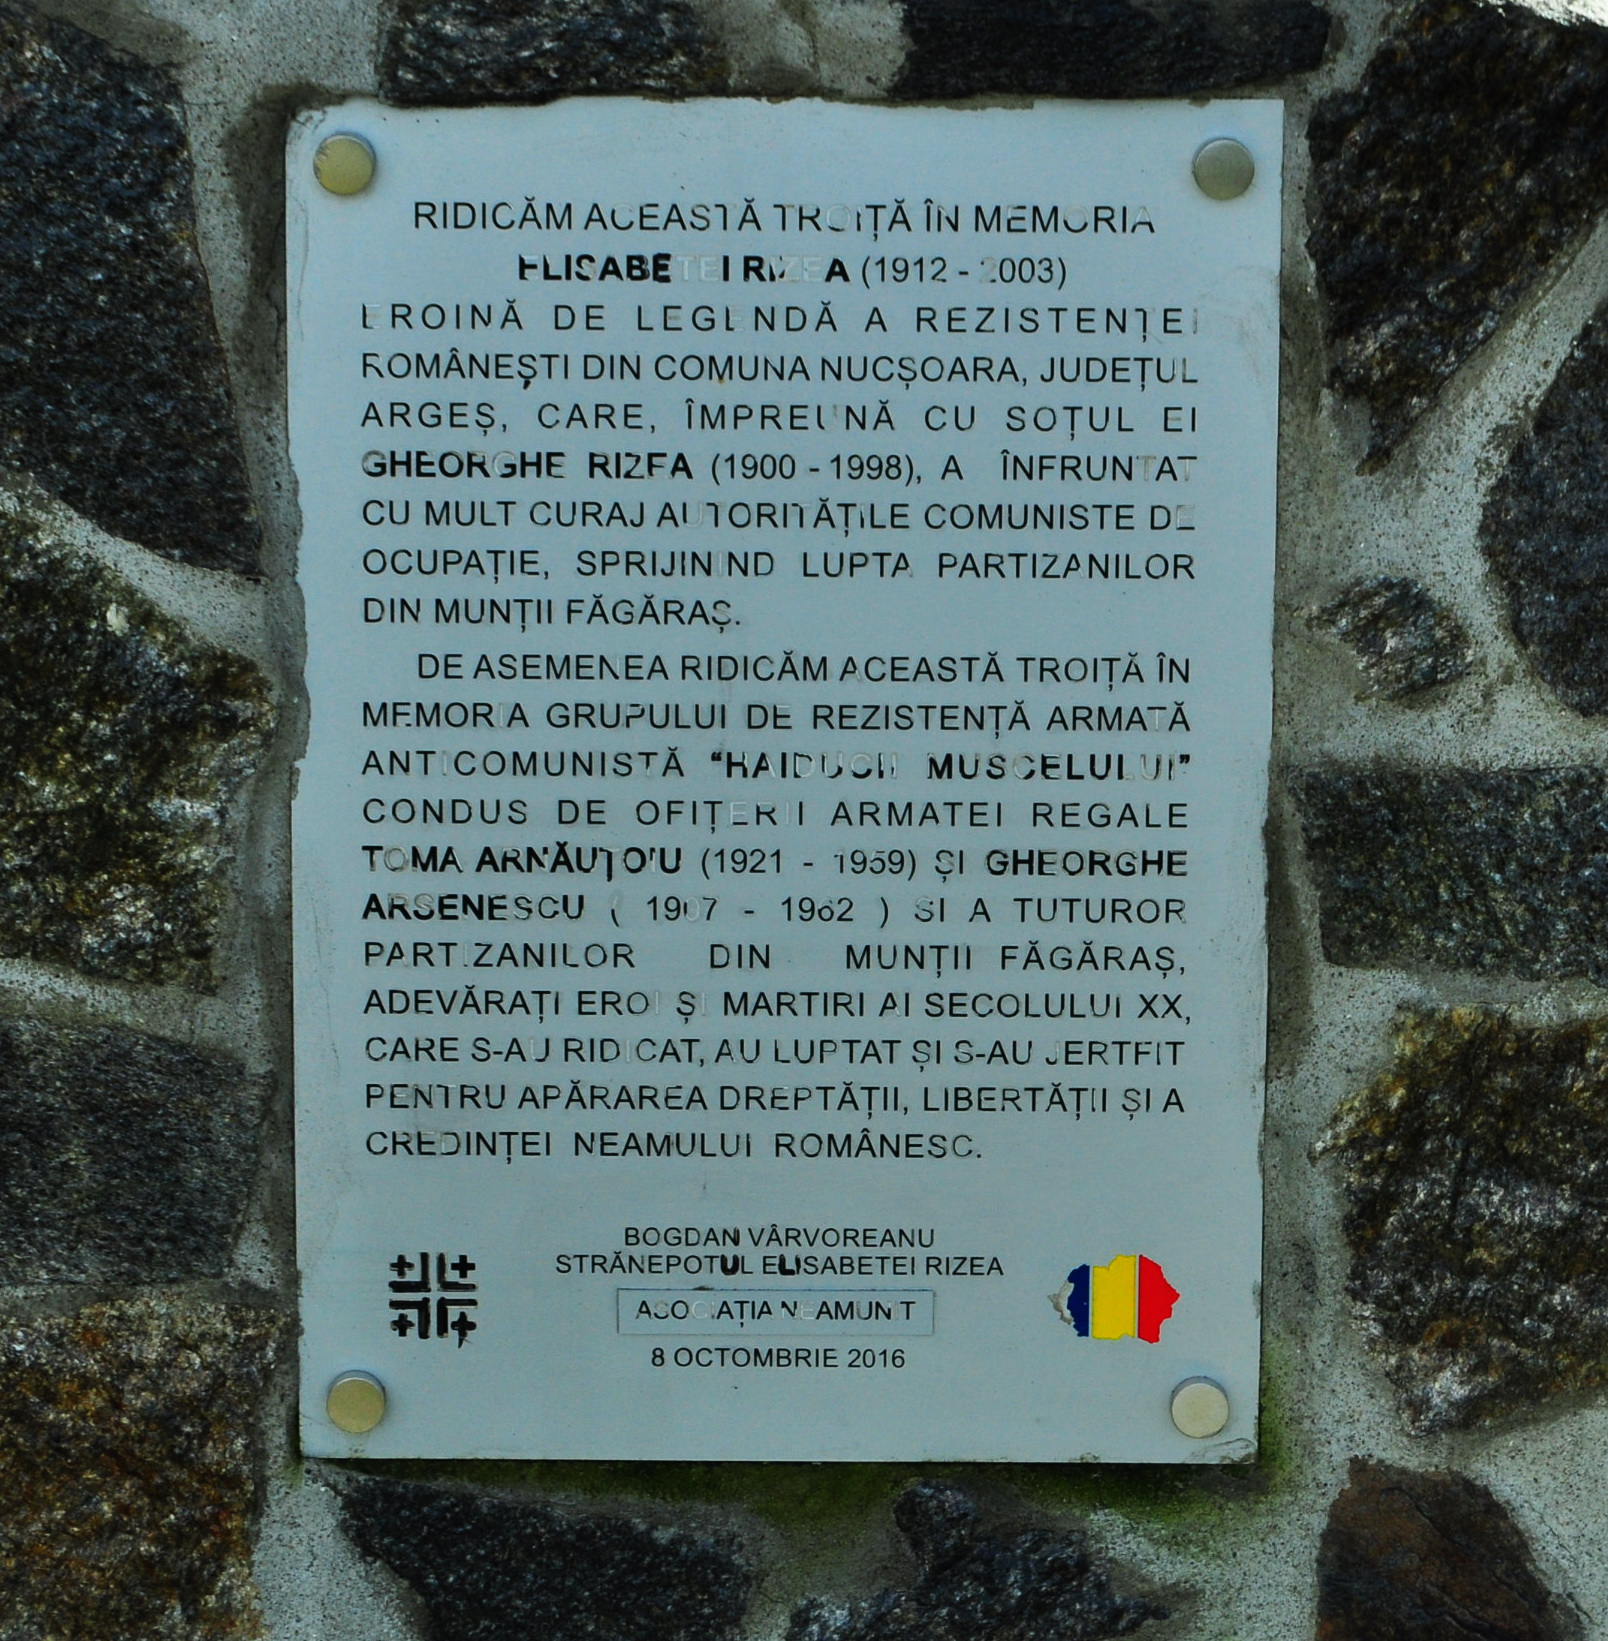 Inscripţie dedicat luptătorilor anticomunişti